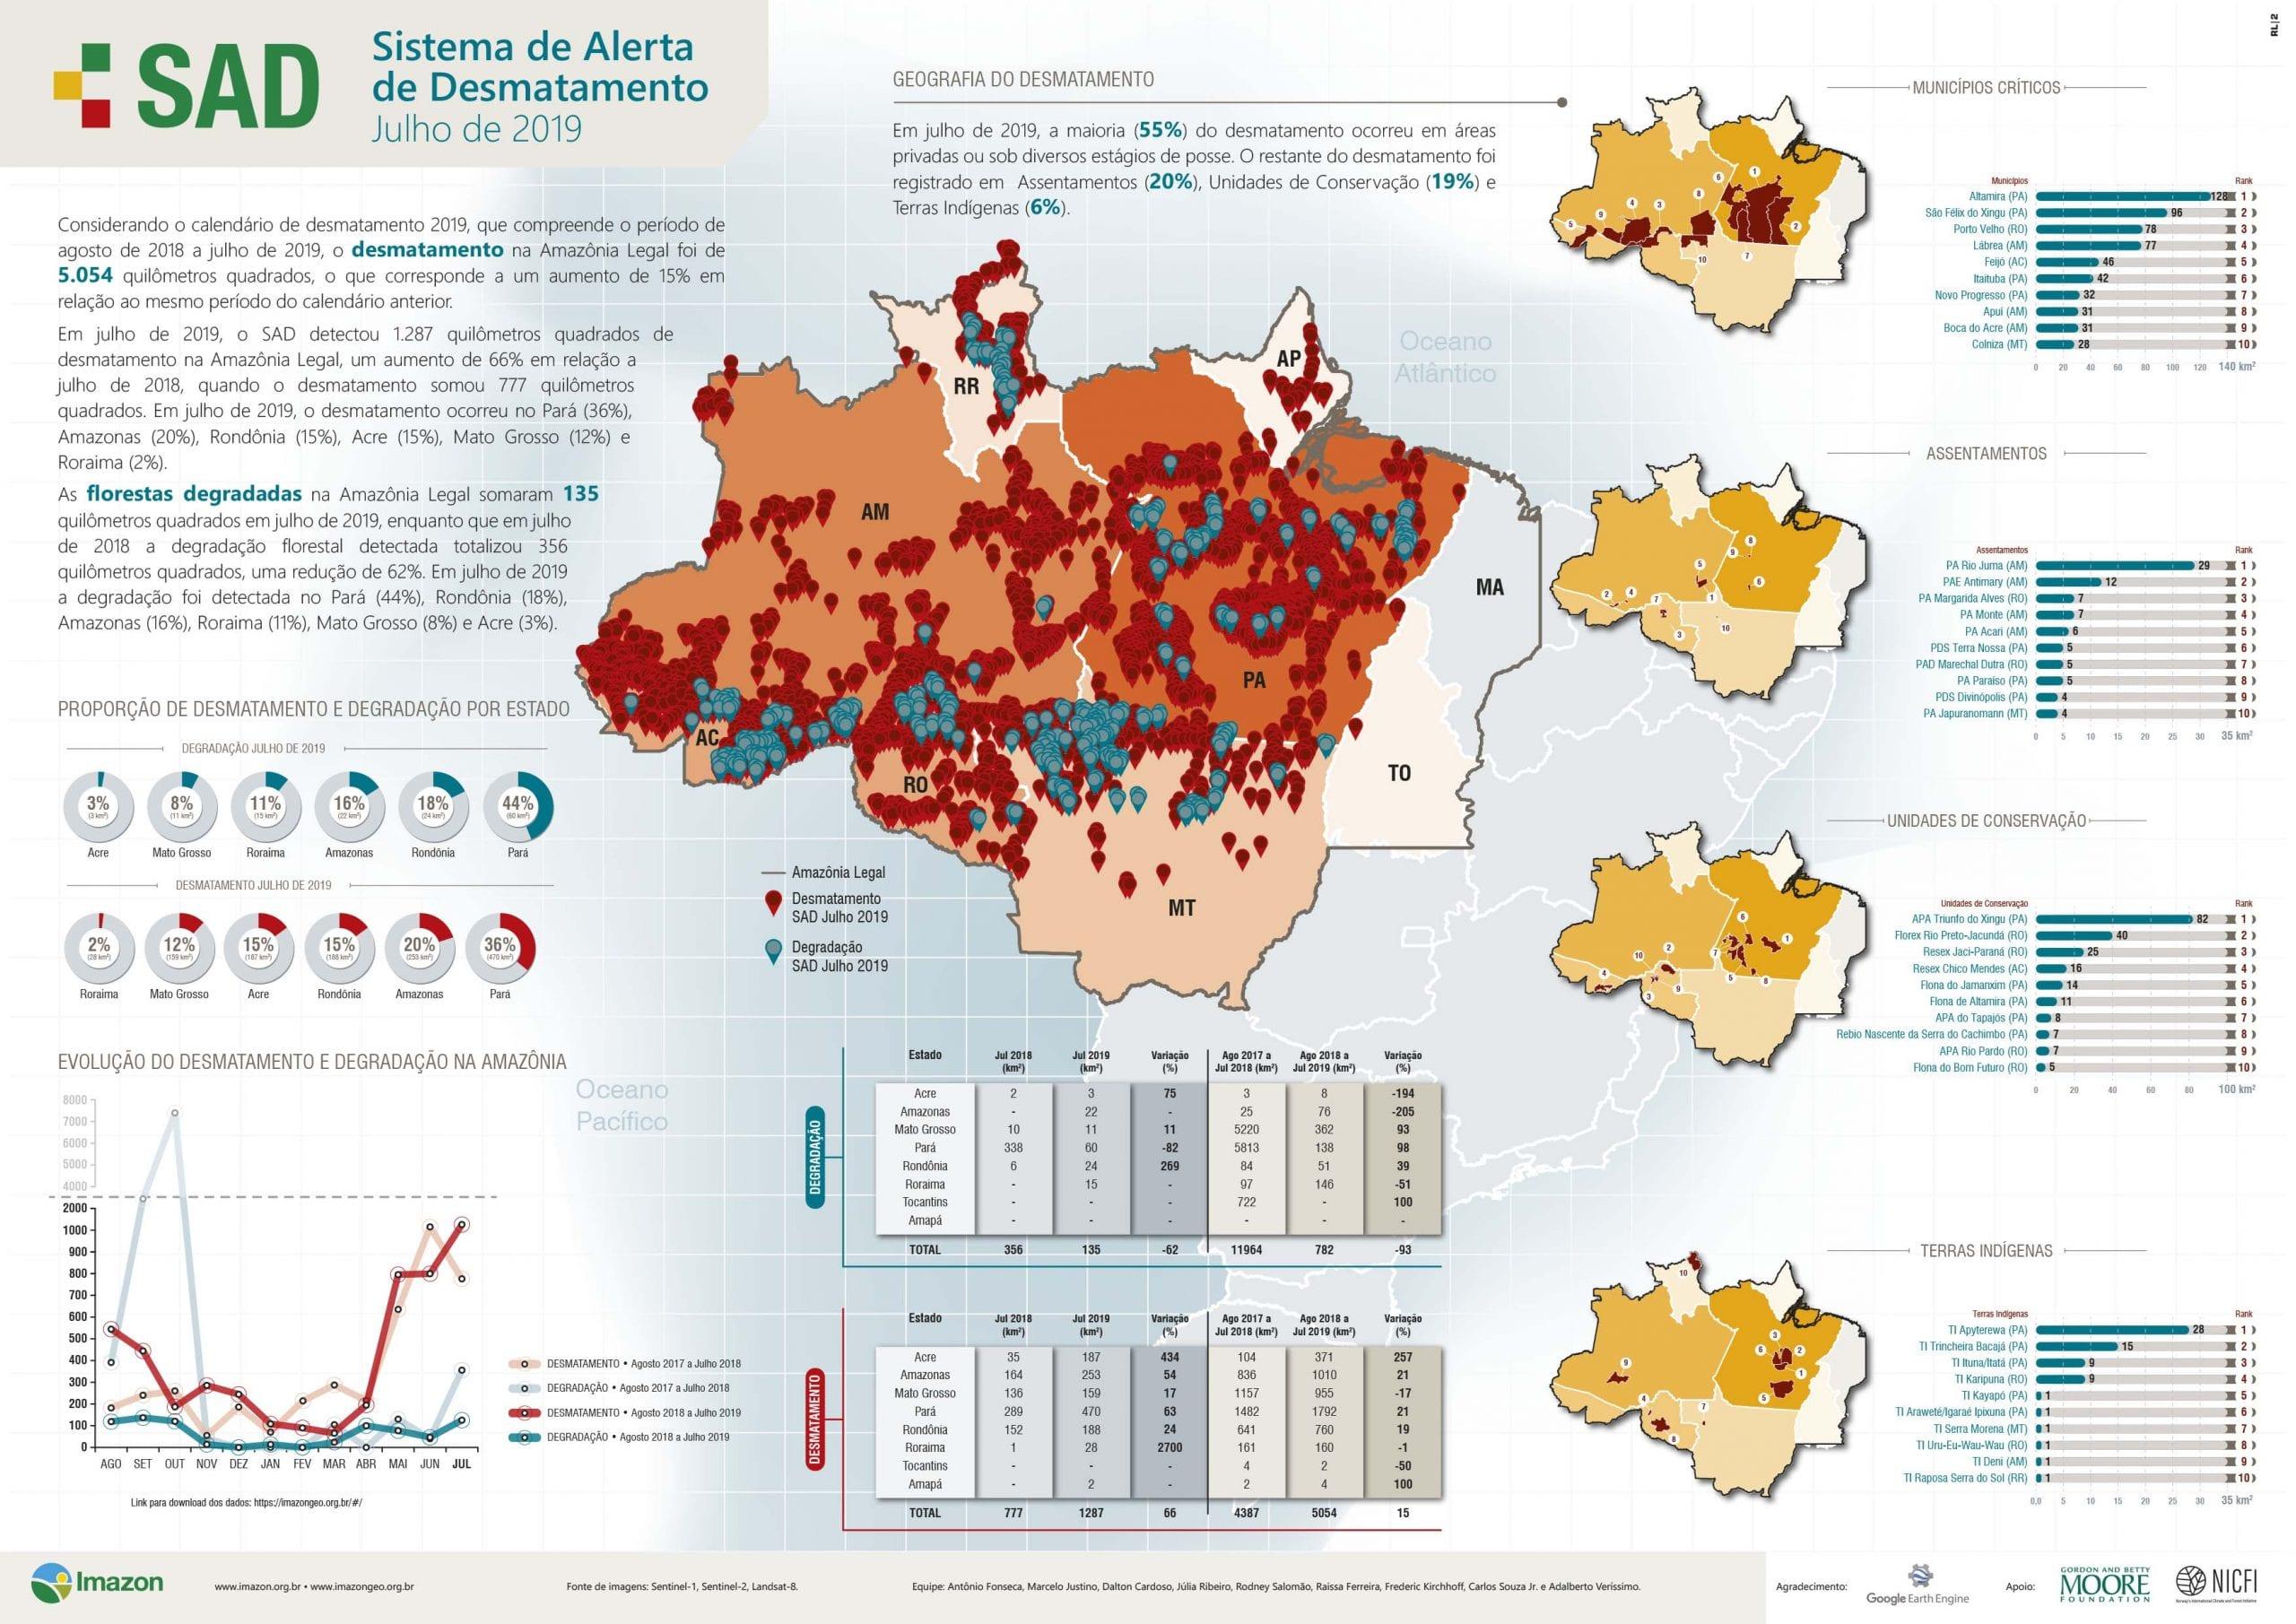 SAD julho 2019 - Boletim do Desmatamento da Amazônia Legal (julho 2019) SAD